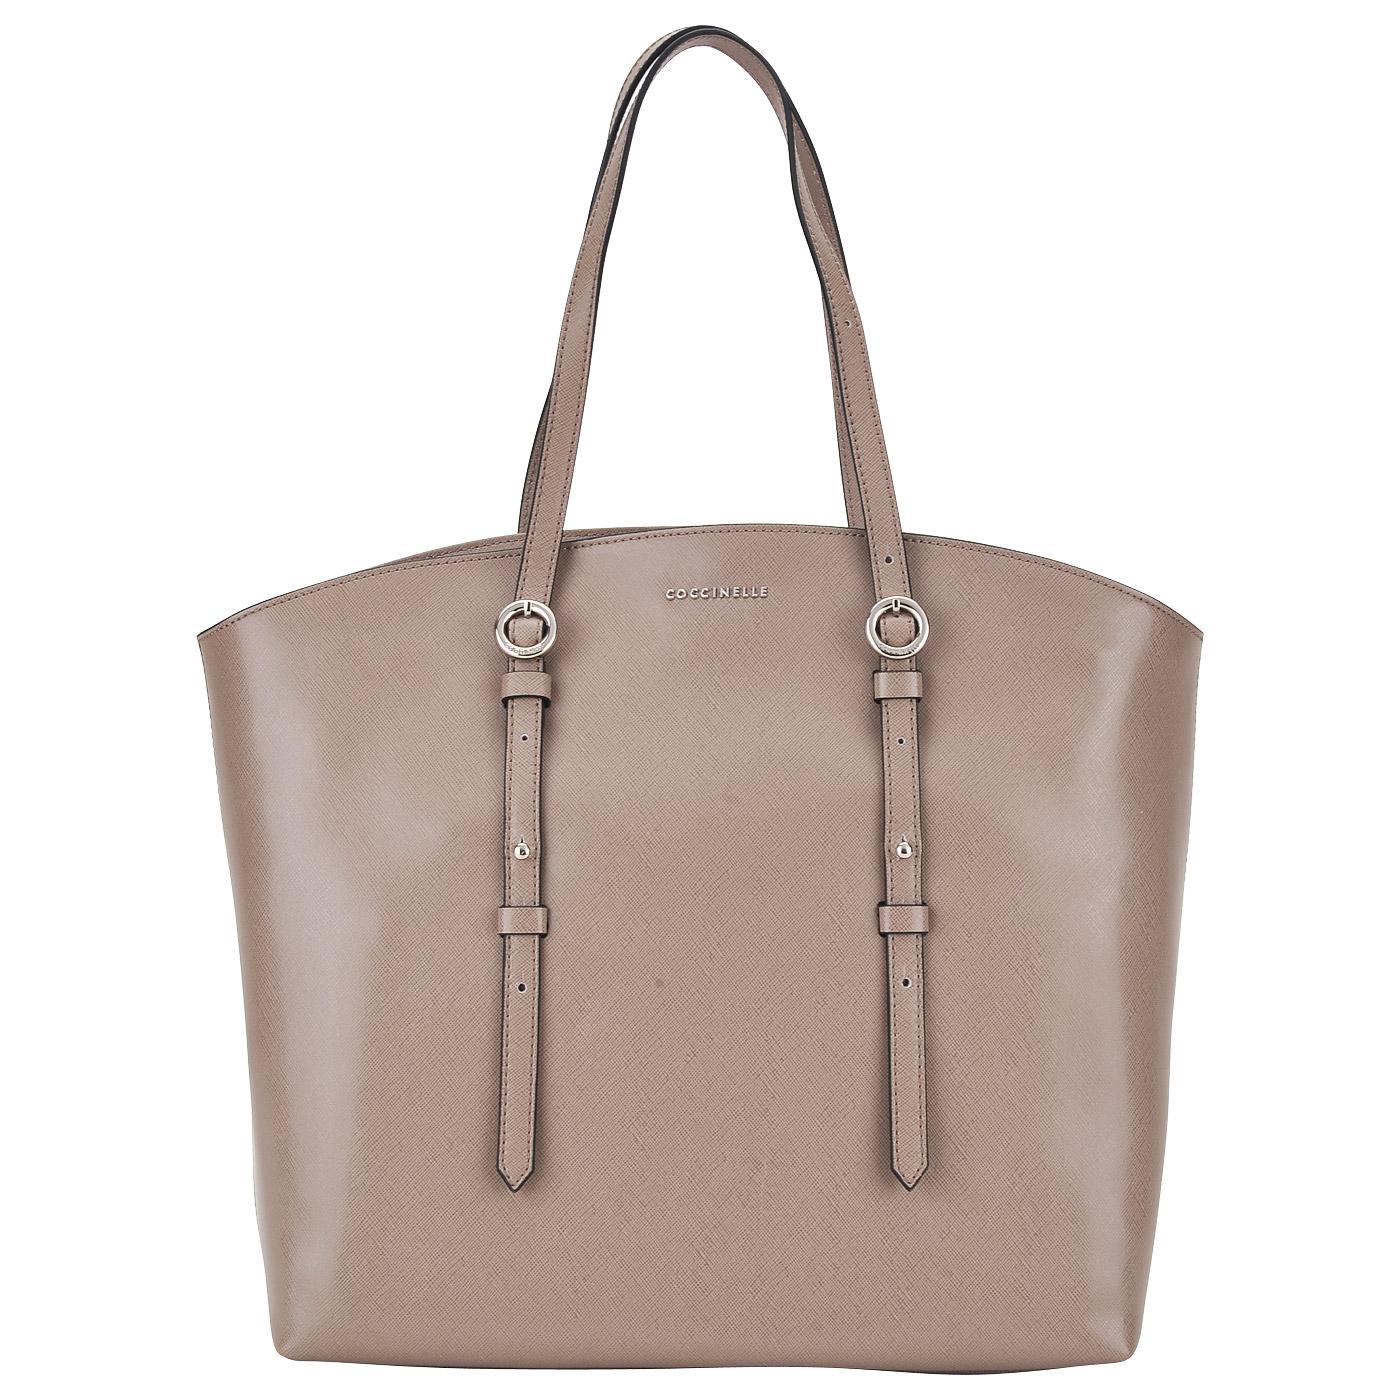 СумкаКлассические сумки<br>Закрывается на молнию. Внутри одно отделение, в котором карман на молнии и два кармашка  для мелочей.<br><br>count_sale: 30<br>new: 0<br>sale: 1